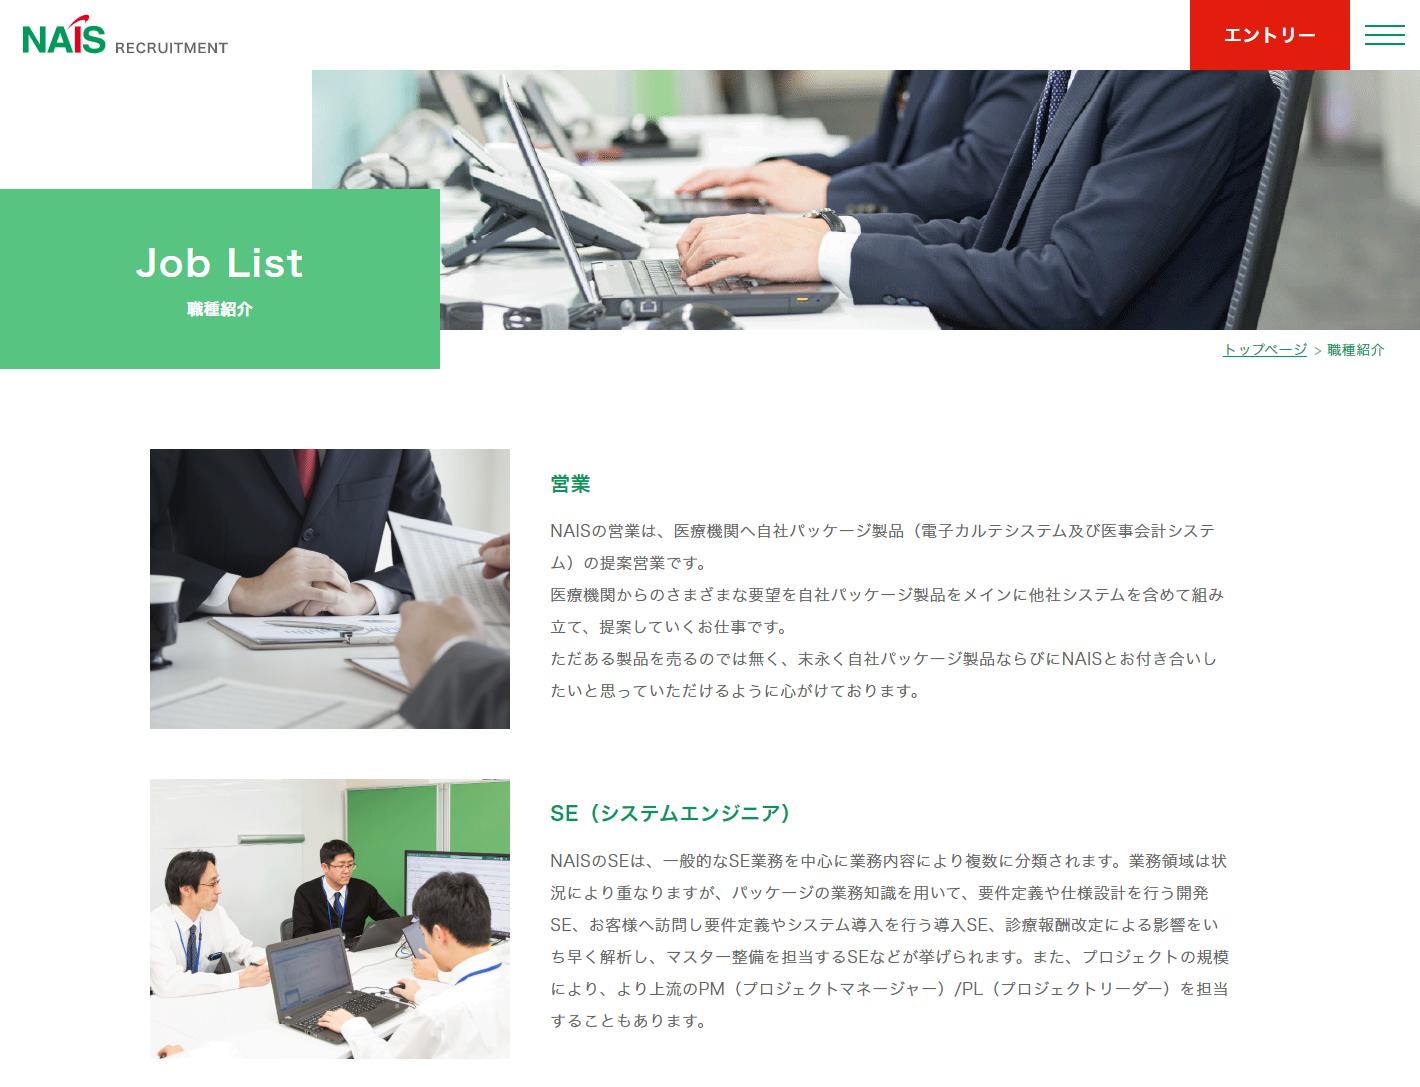 株式会社ナイス様【リクルートサイト】